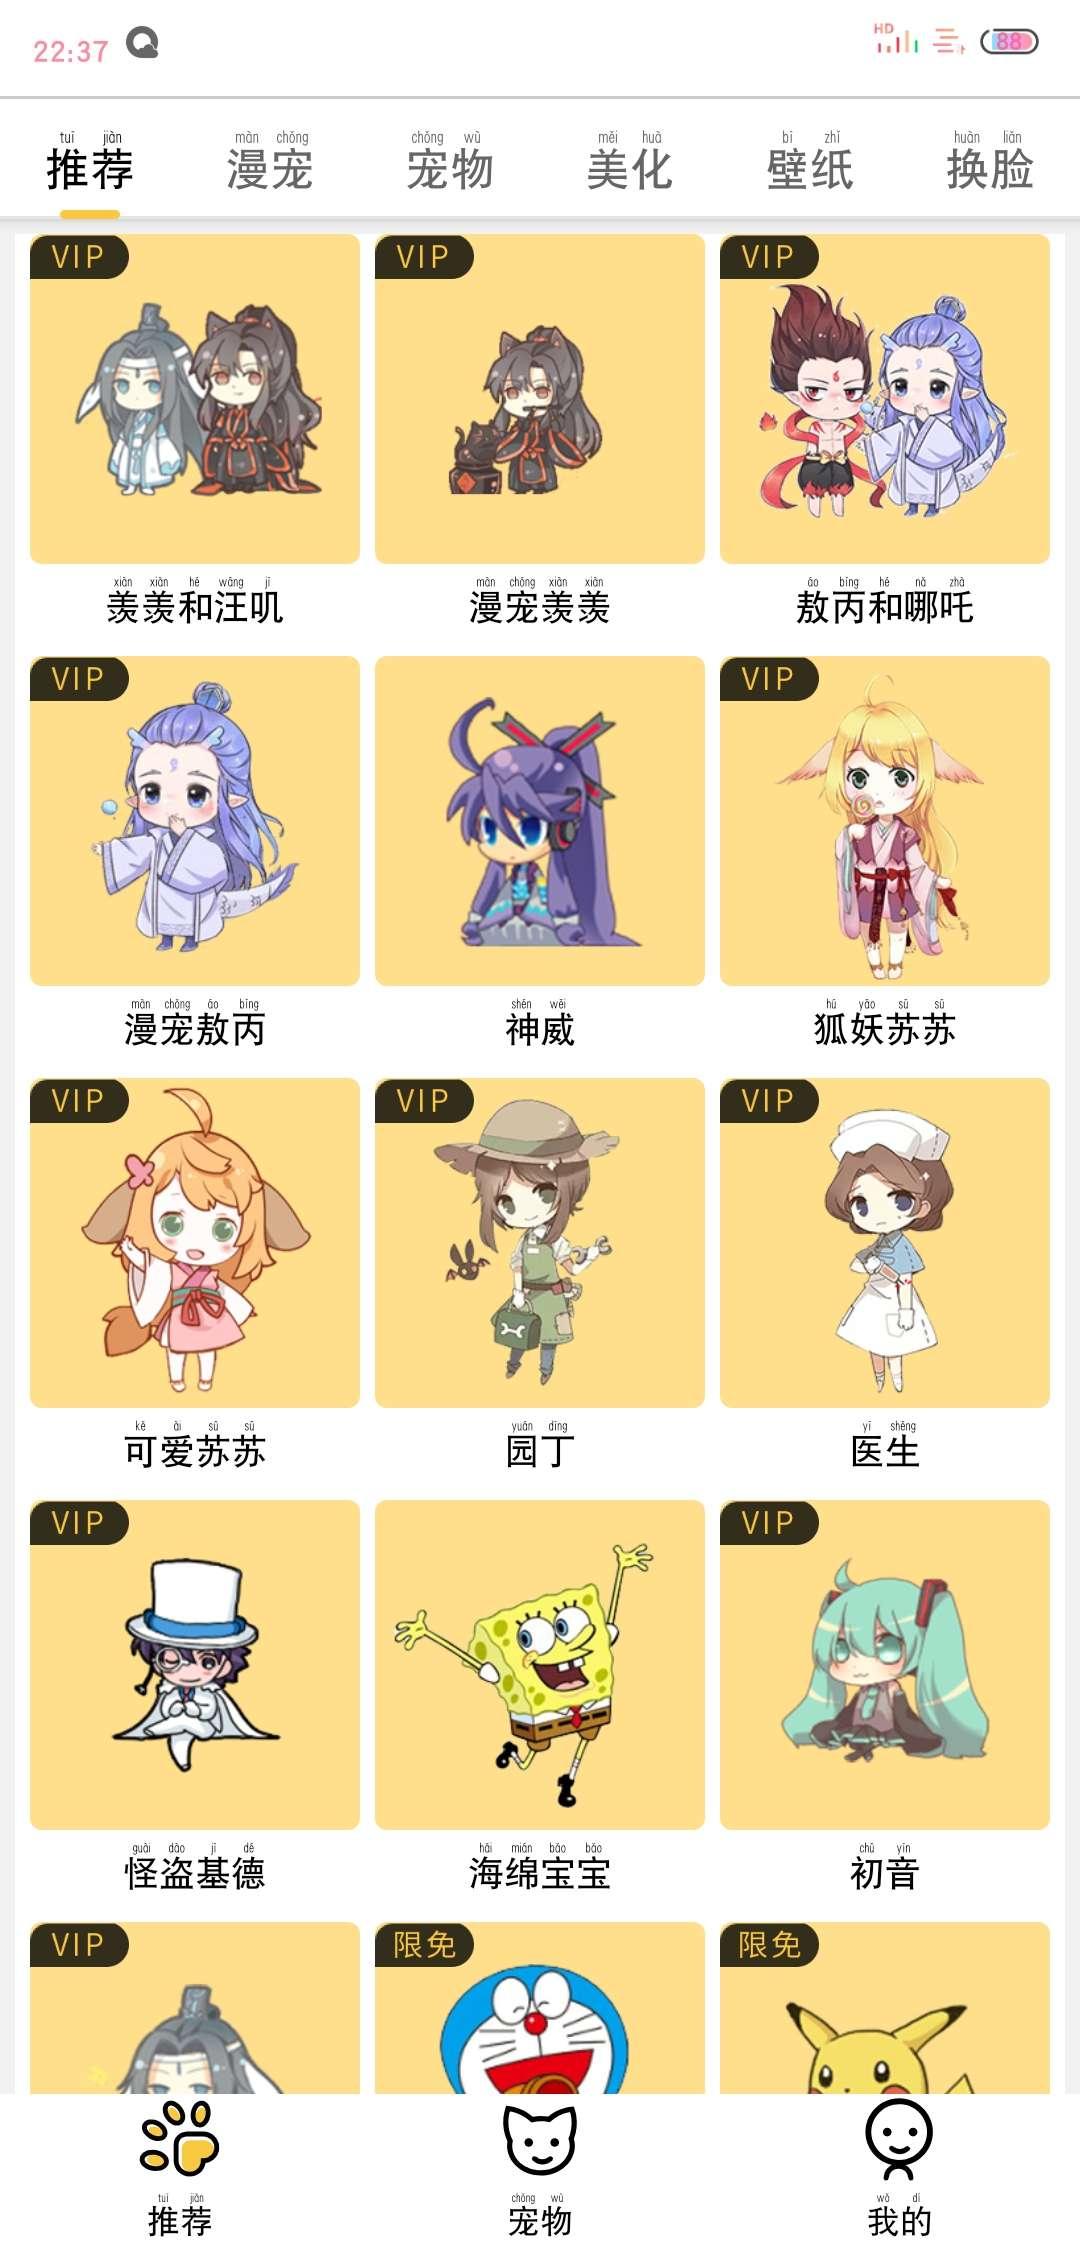 【分享】咪萌桌面宠物   999   解锁vip版